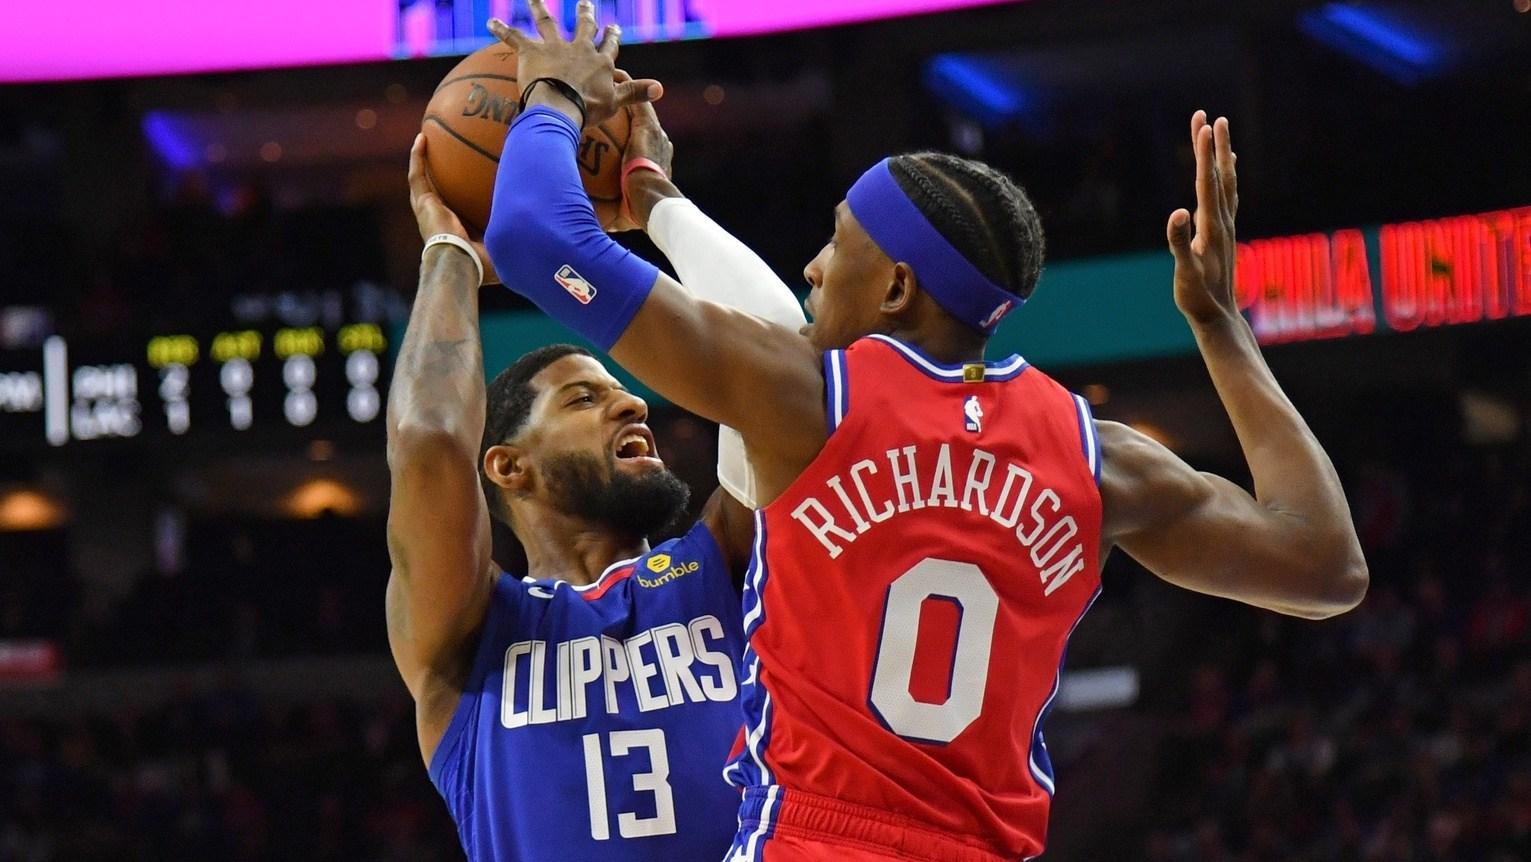 【原声回放】快船vs76人第2节 莱昂纳德带球直杀篮下勾手打进_NBA全场回放